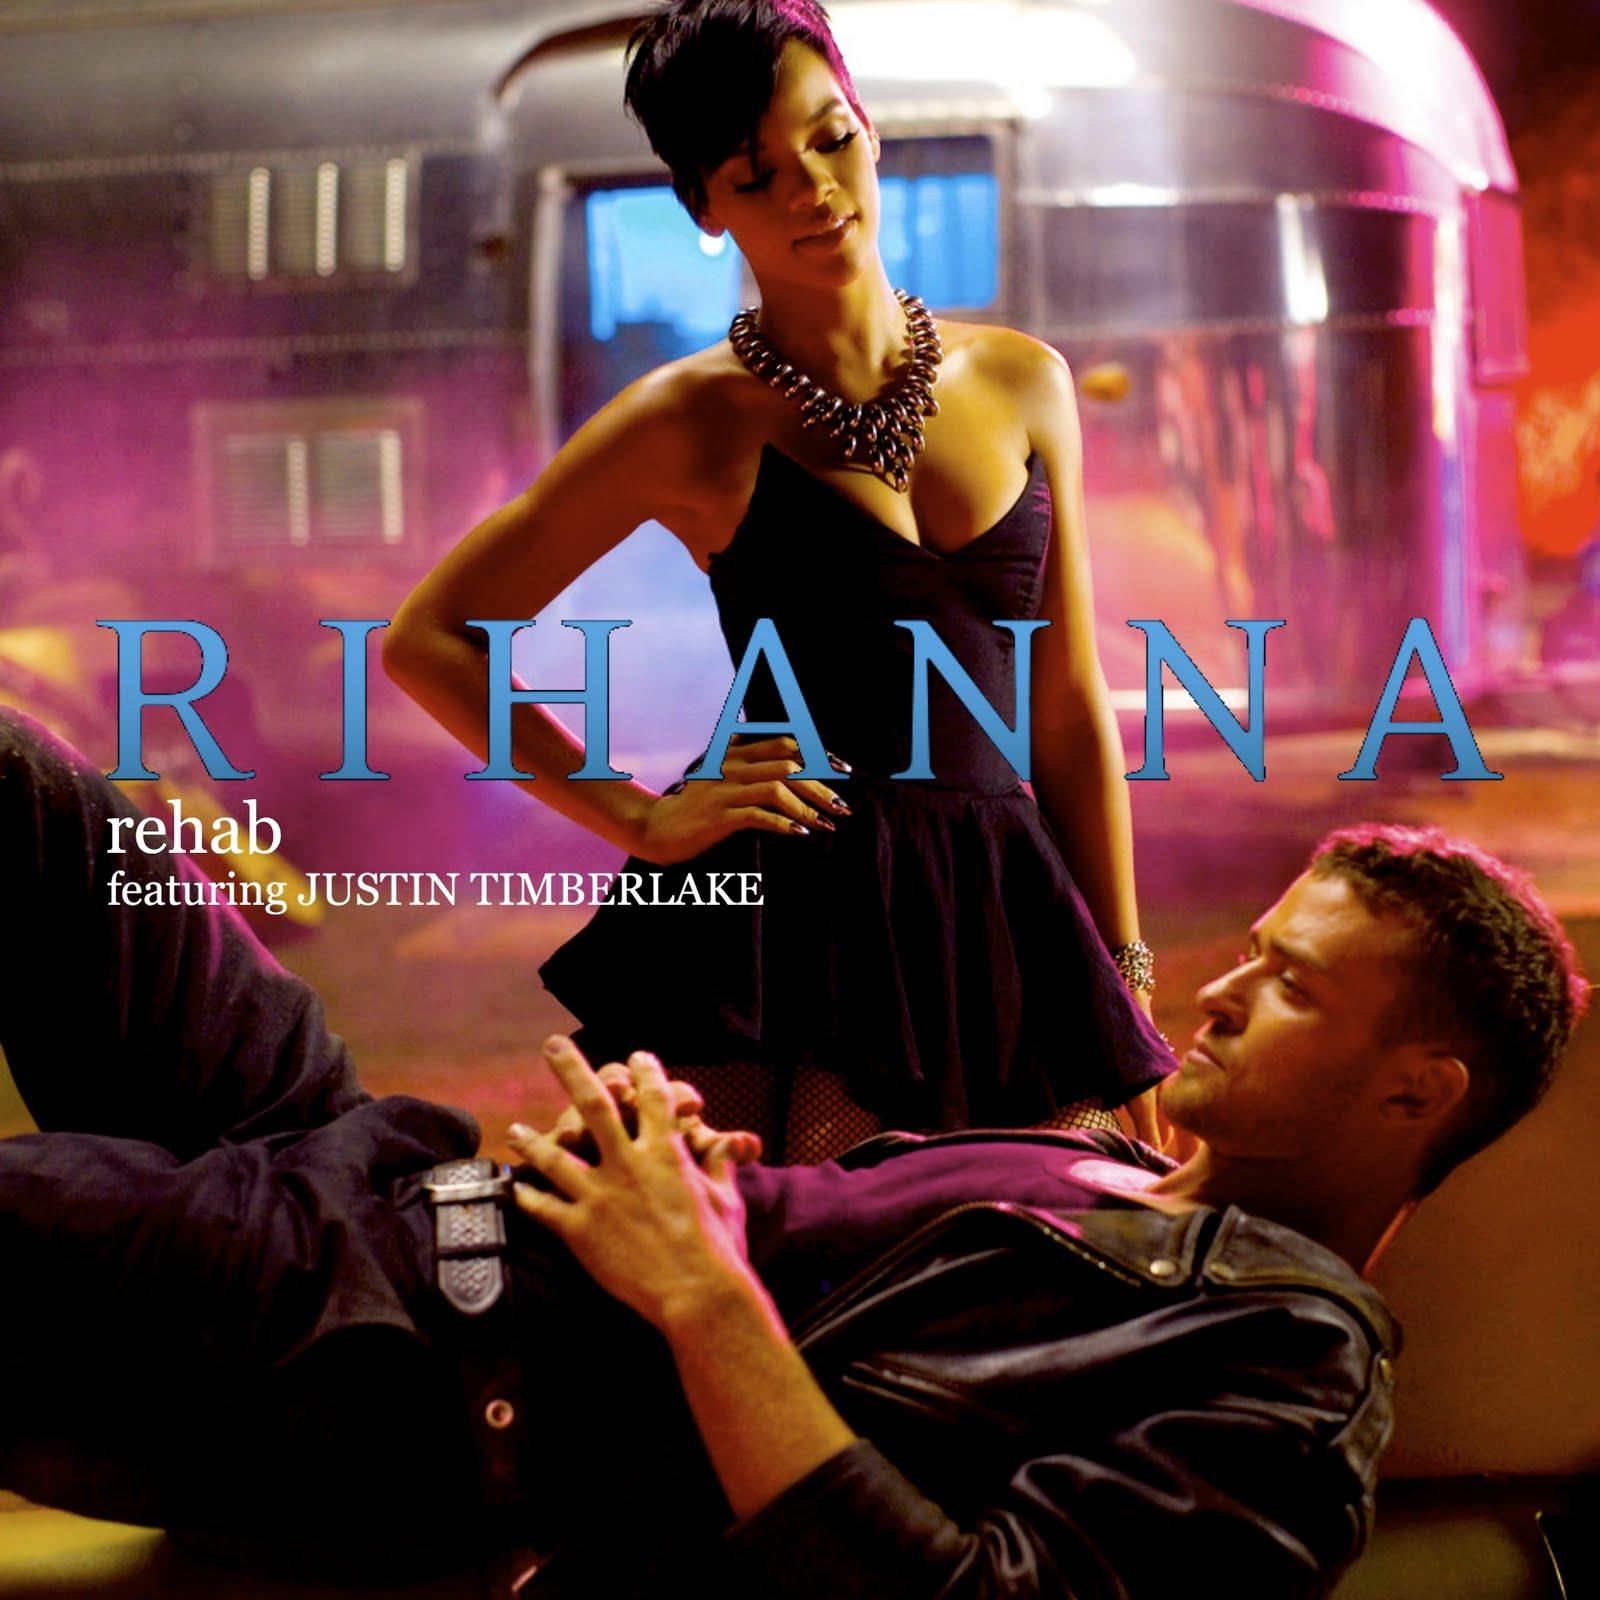 http://2.bp.blogspot.com/-rfHE5ADToFQ/TVQY3BGx1CI/AAAAAAAAAKo/Np0uyNl2sNU/s1600/Rehab+-rihanna++ft.++justin.jpeg